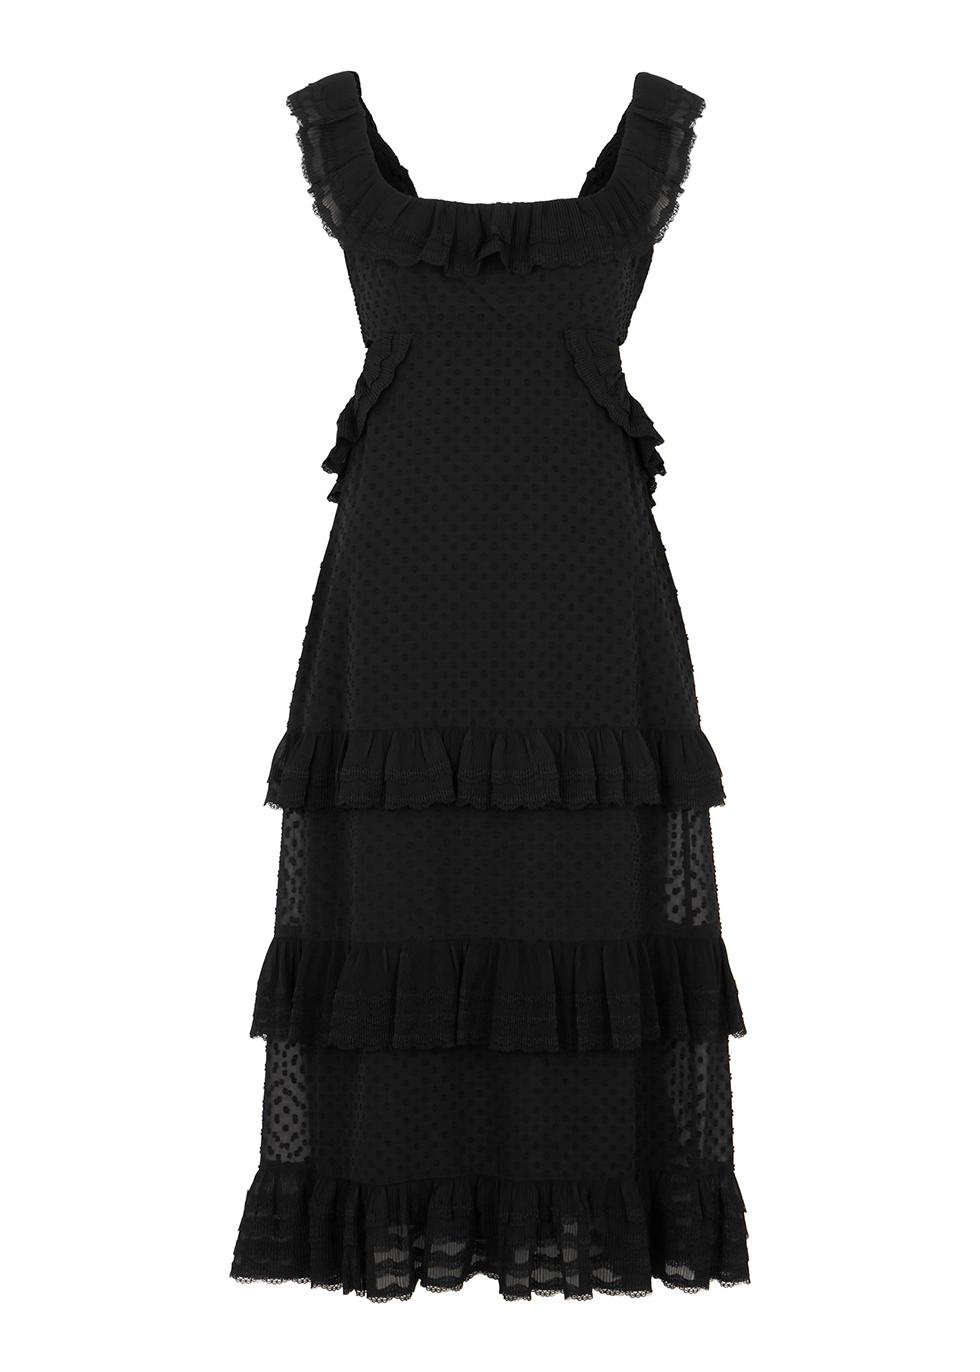 Black fil coupé midi dress